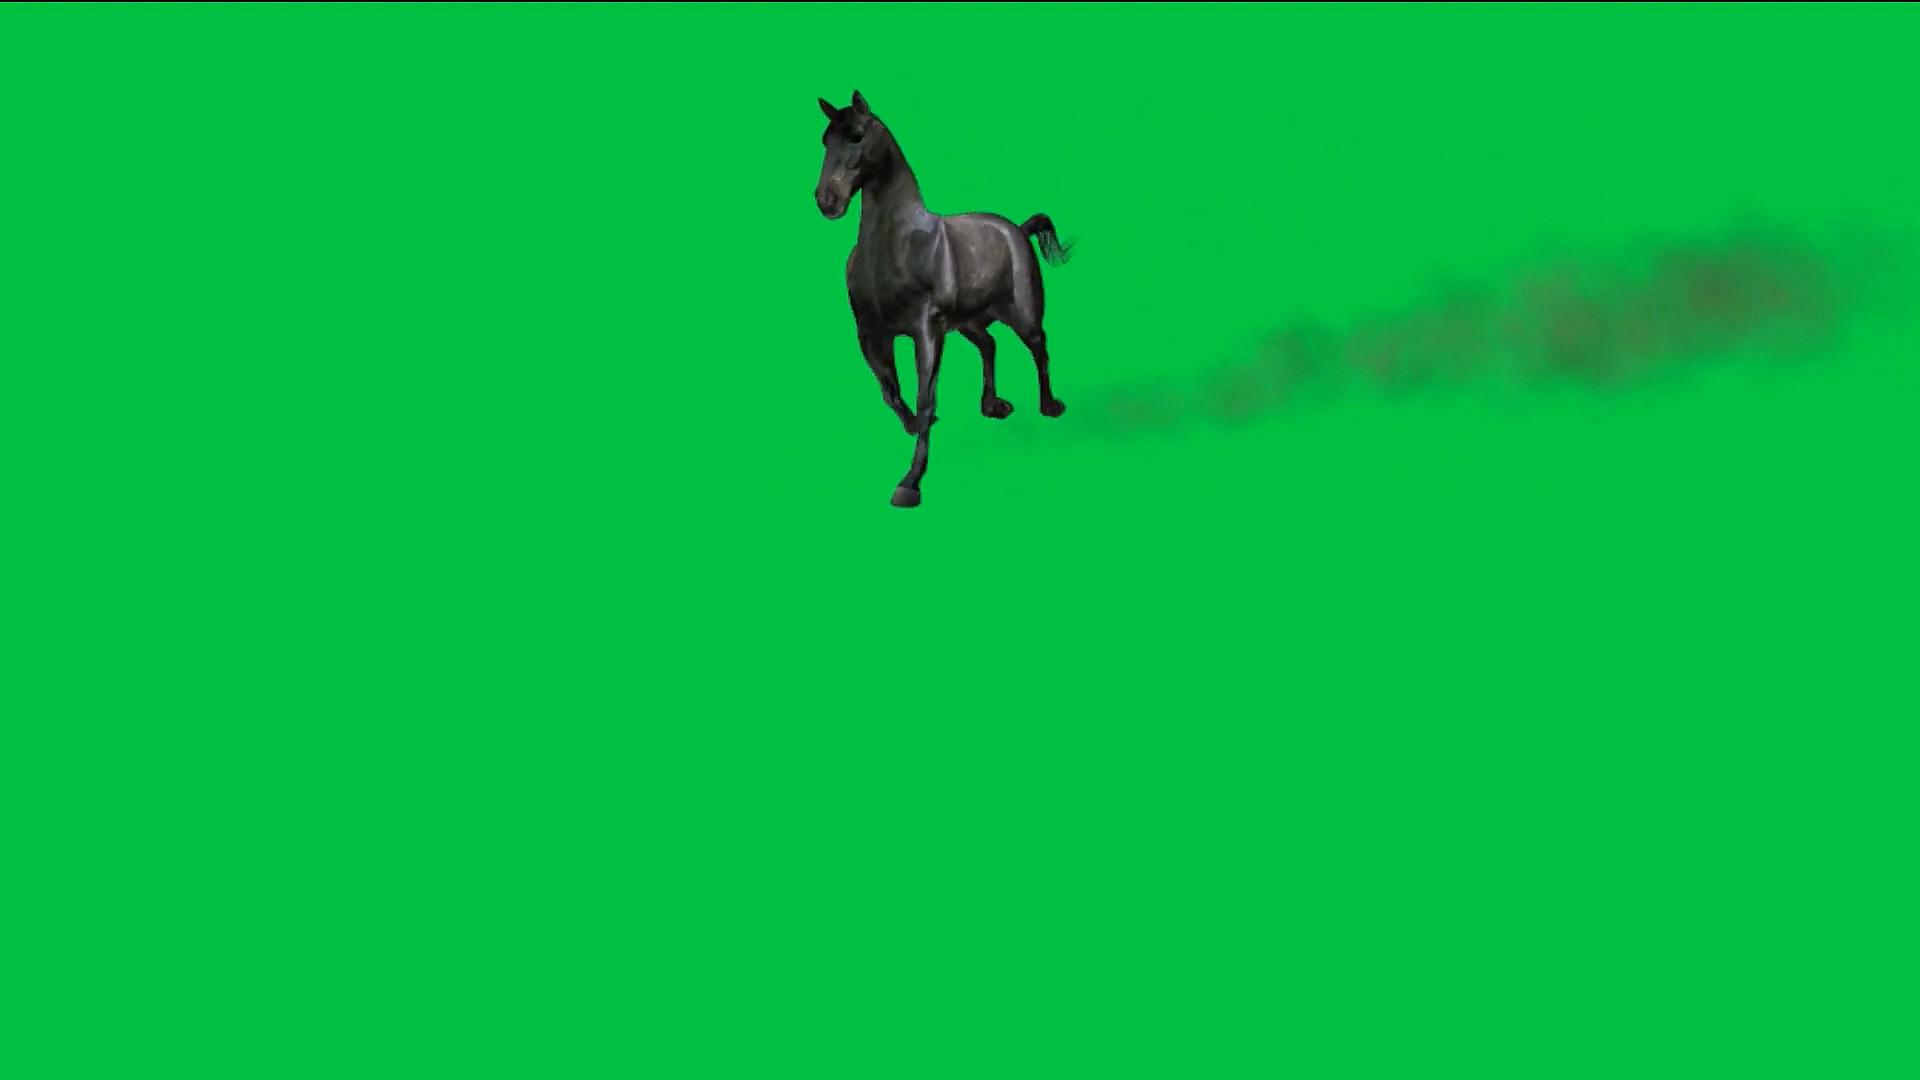 绿屏抠像奔跑的黑马